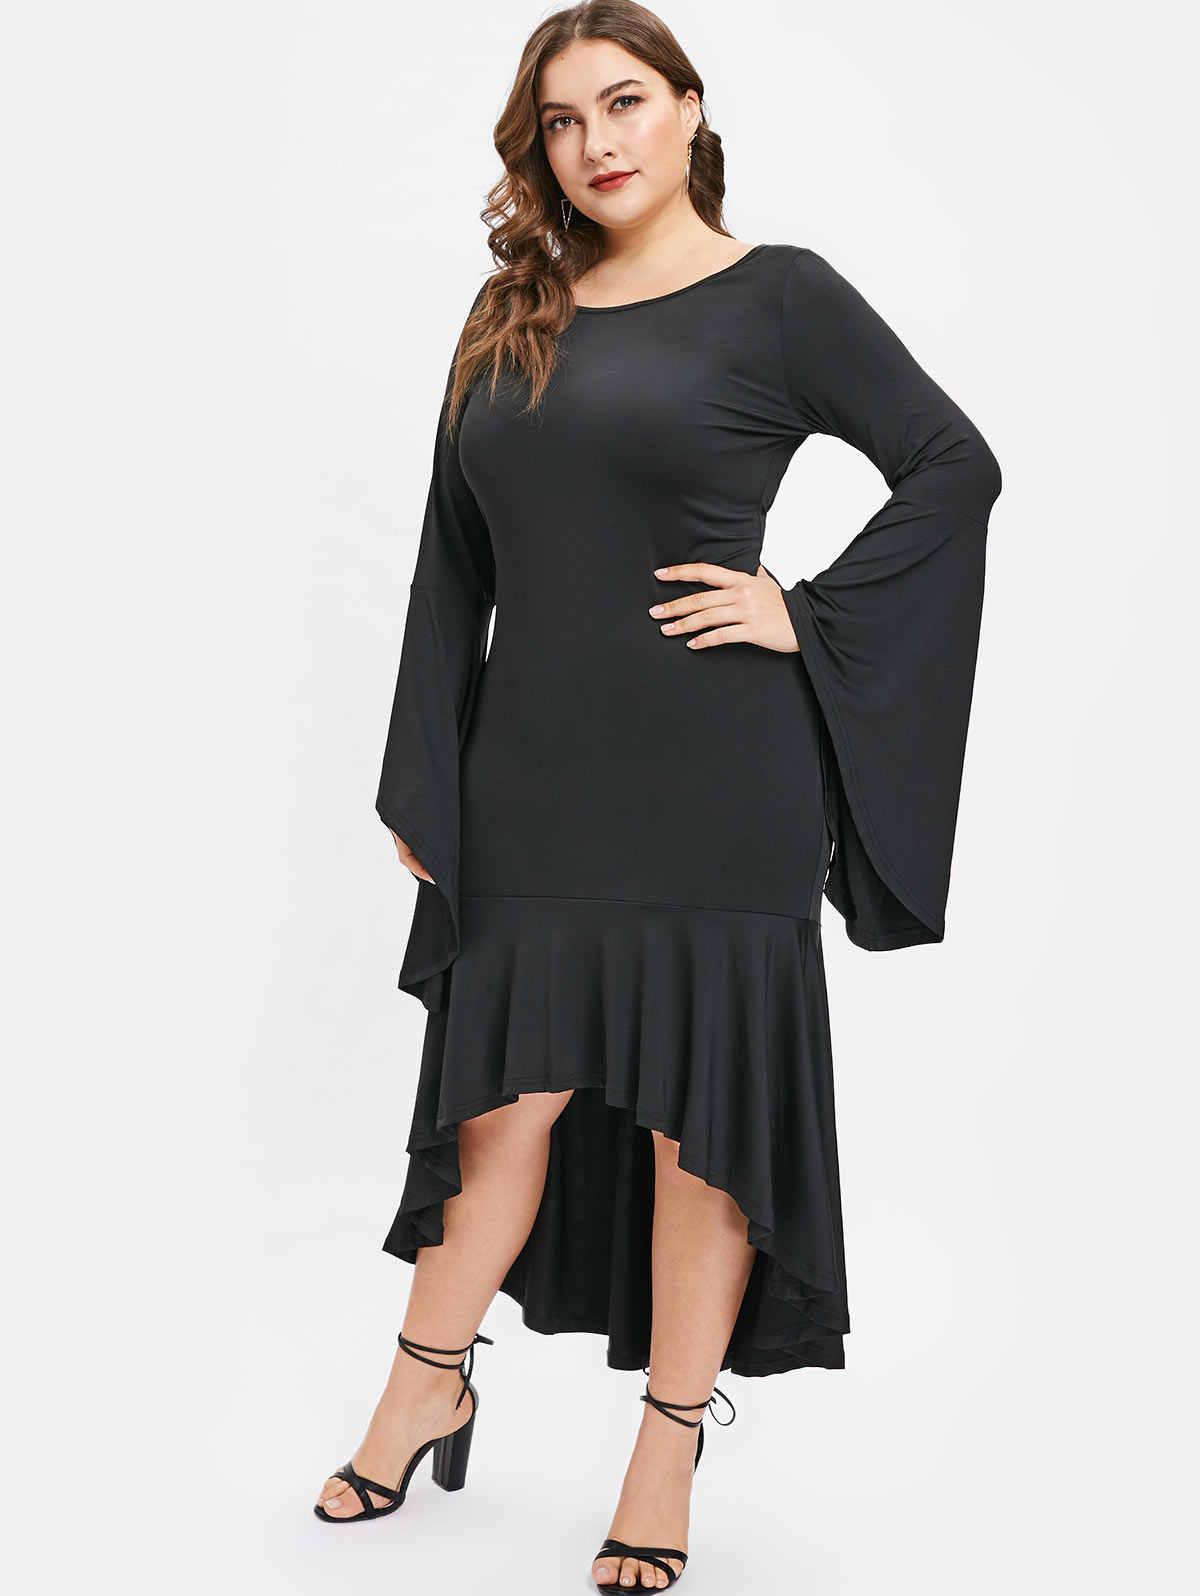 Wipalo новое модное платье размера плюс с расклешенными рукавами и рюшами, Женское Платье макси с круглым вырезом и длинными рукавами, однотонное платье длиной до щиколотки Vestidos